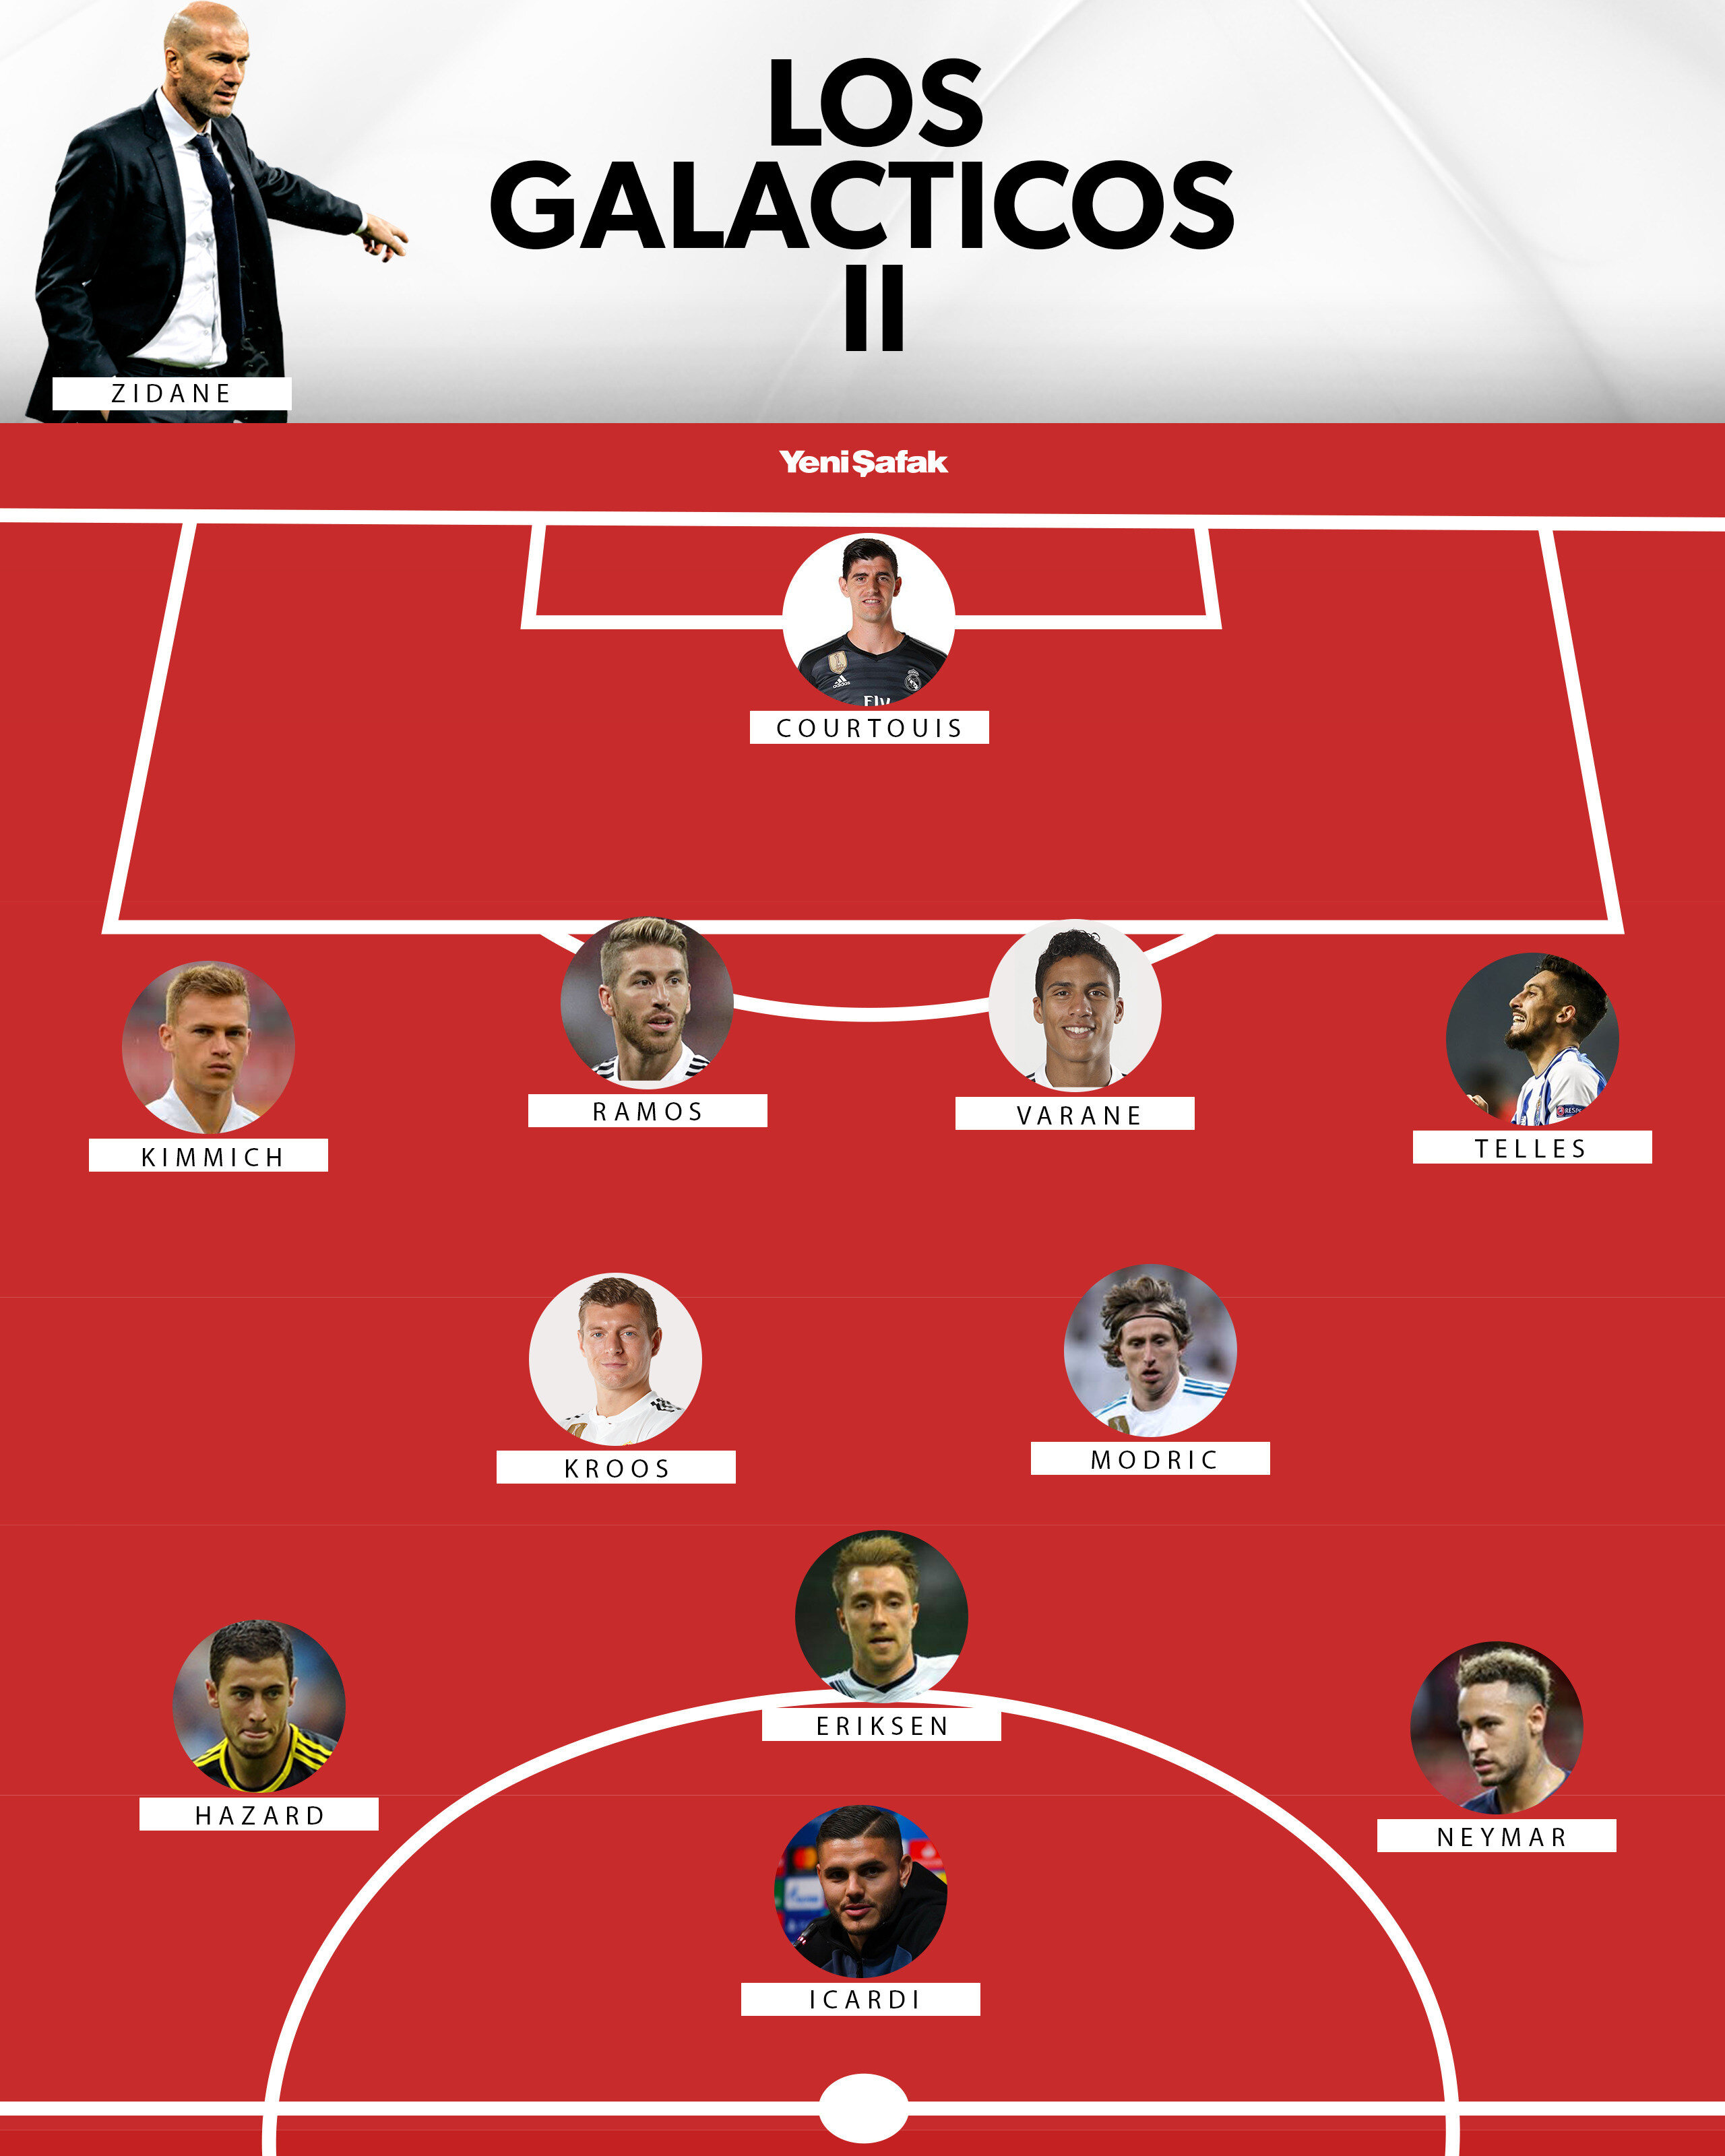 Real Madrid ile adı geçen isimler transfer edilirse eflatun beyazlıların yeni kadrosu bu şekilde olabilir.n